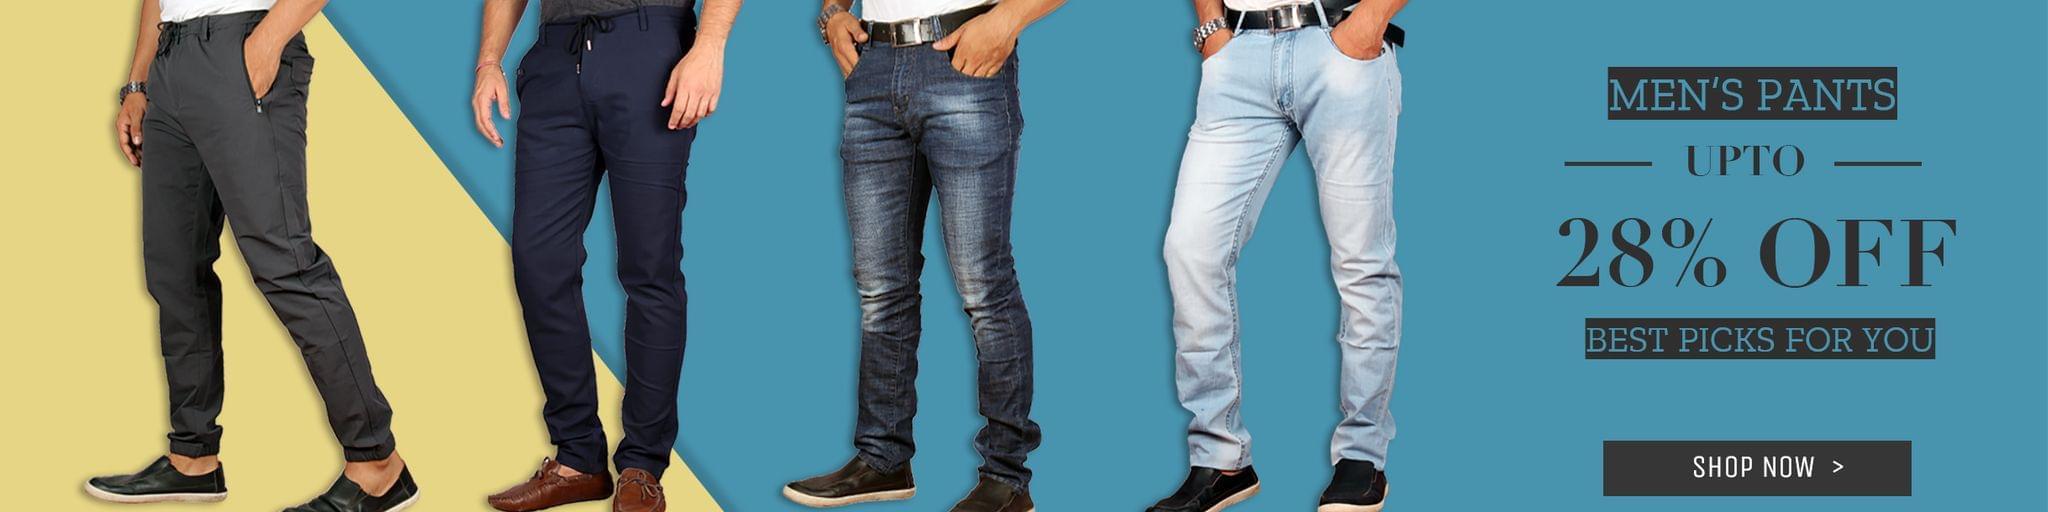 Buy Men's Pant Online in Nepal